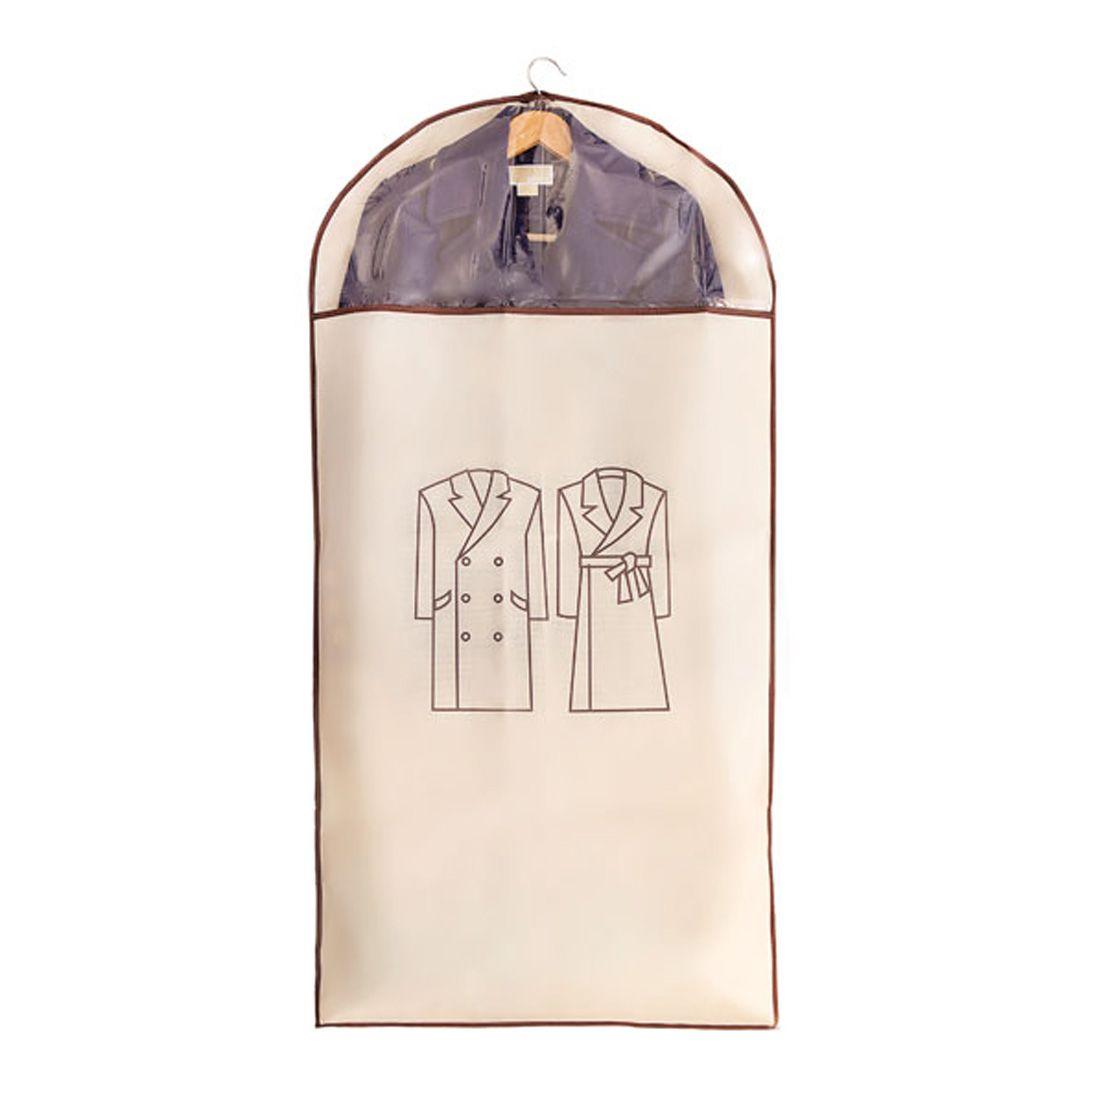 Capa Protetora para Roupa em Tnt com Visor Transparente Tamanho G